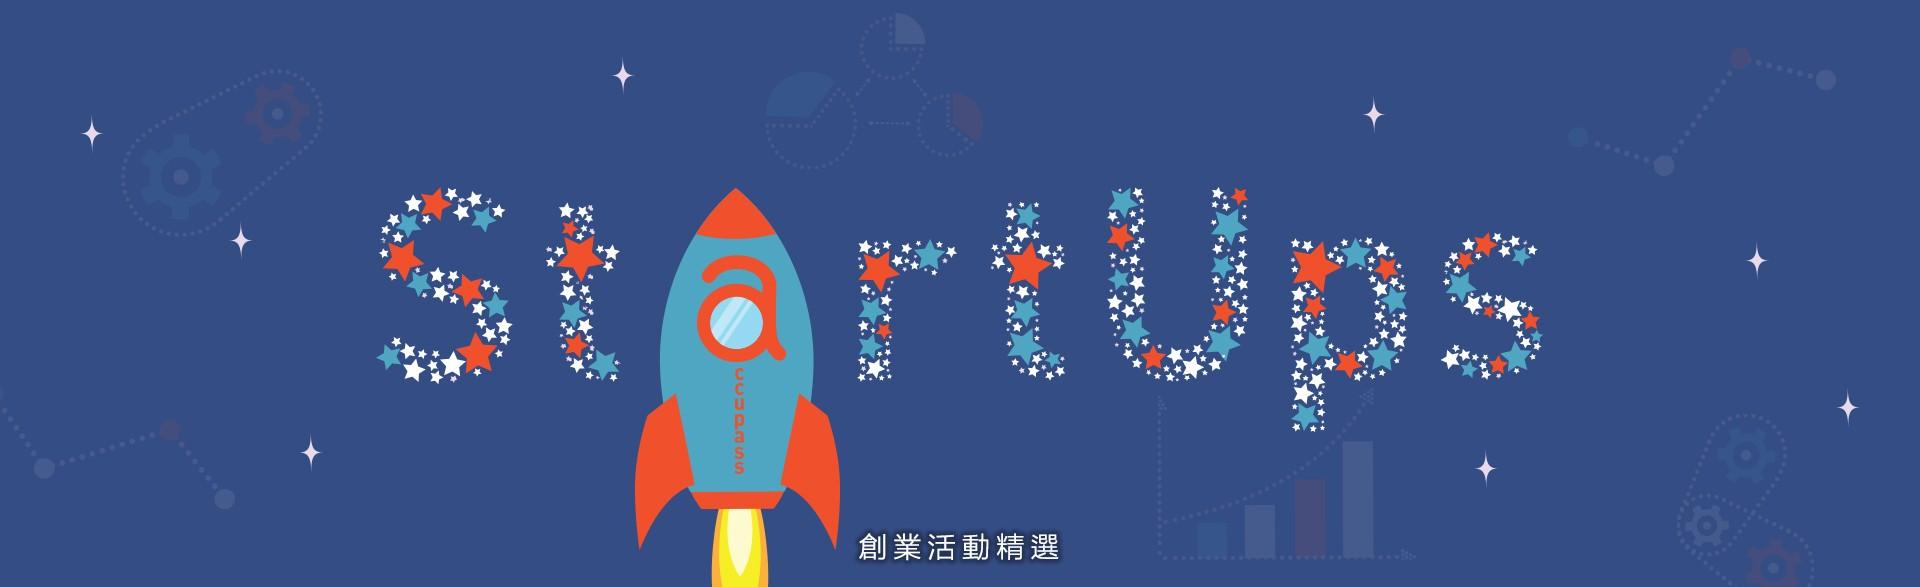 startup_banner_big